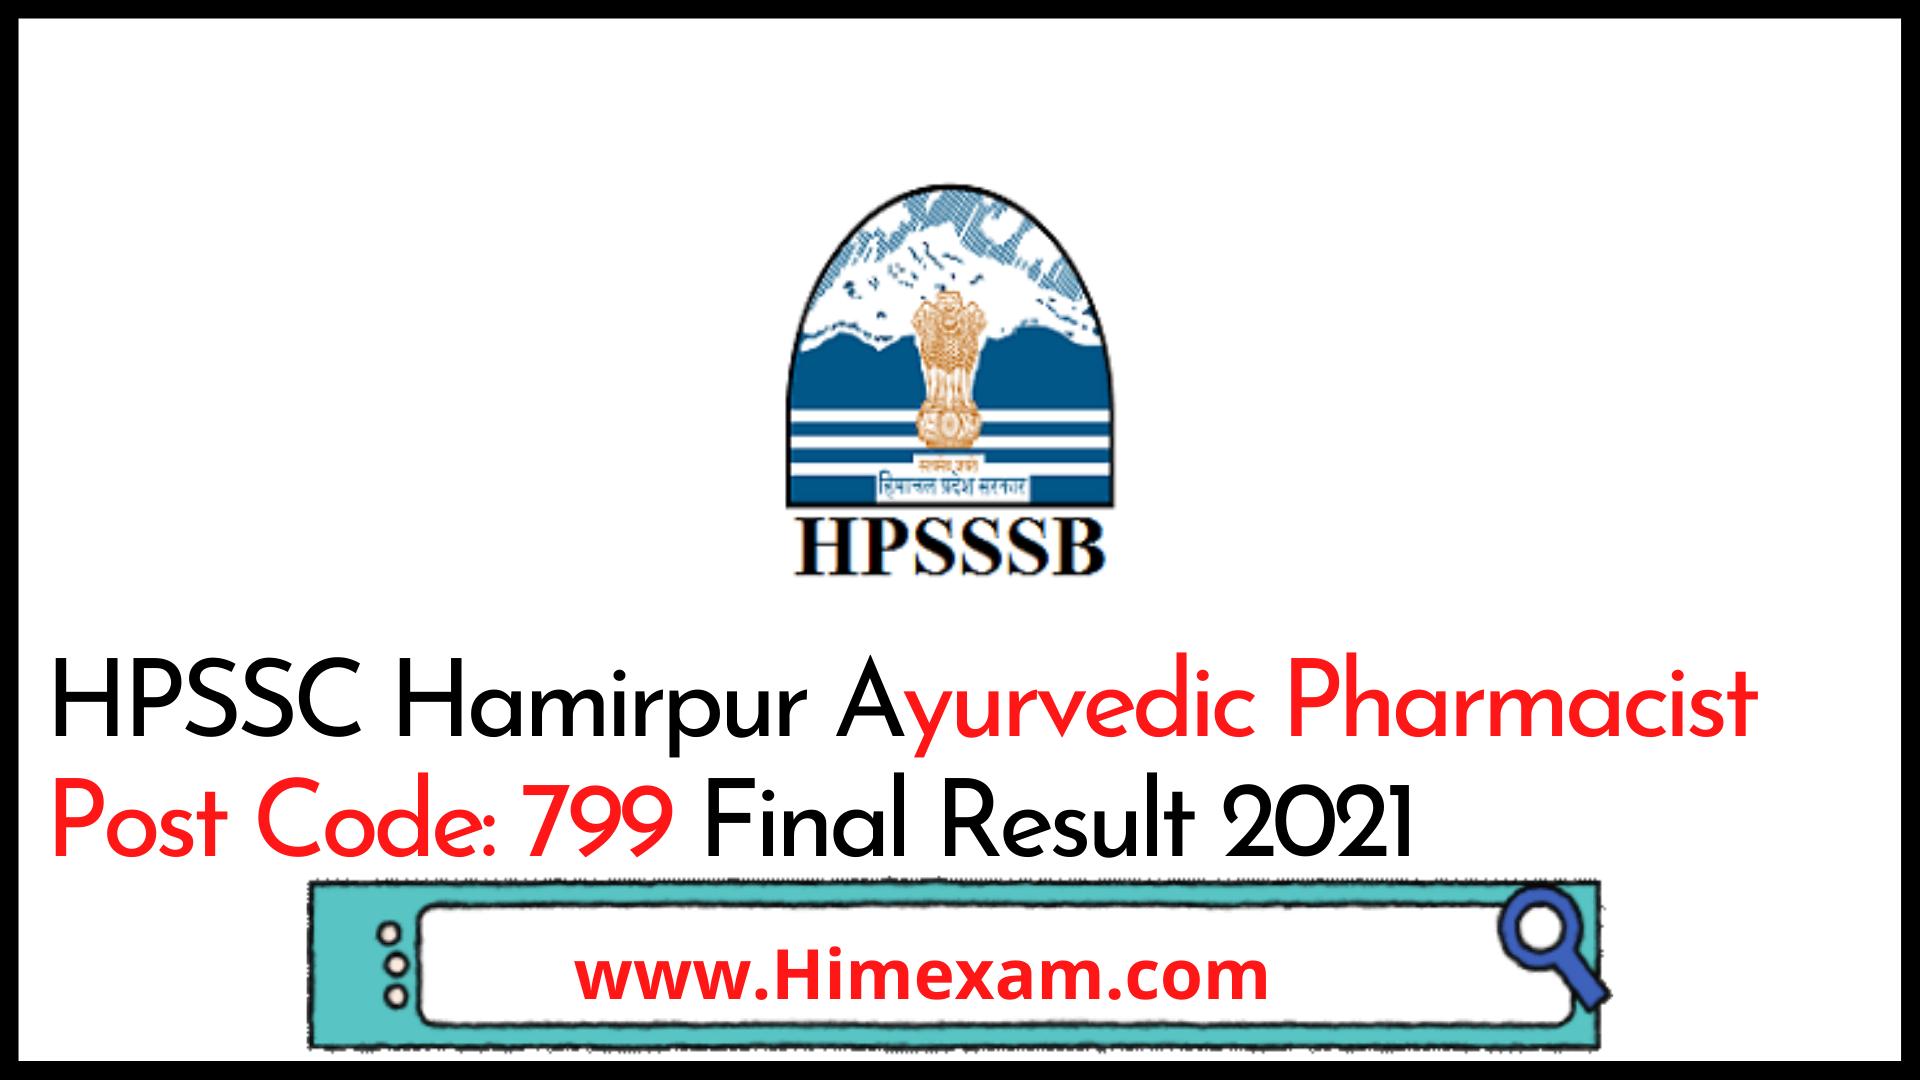 HPSSC Hamirpur Ayurvedic Pharmacist  Post Code: 799 Final Result 2021